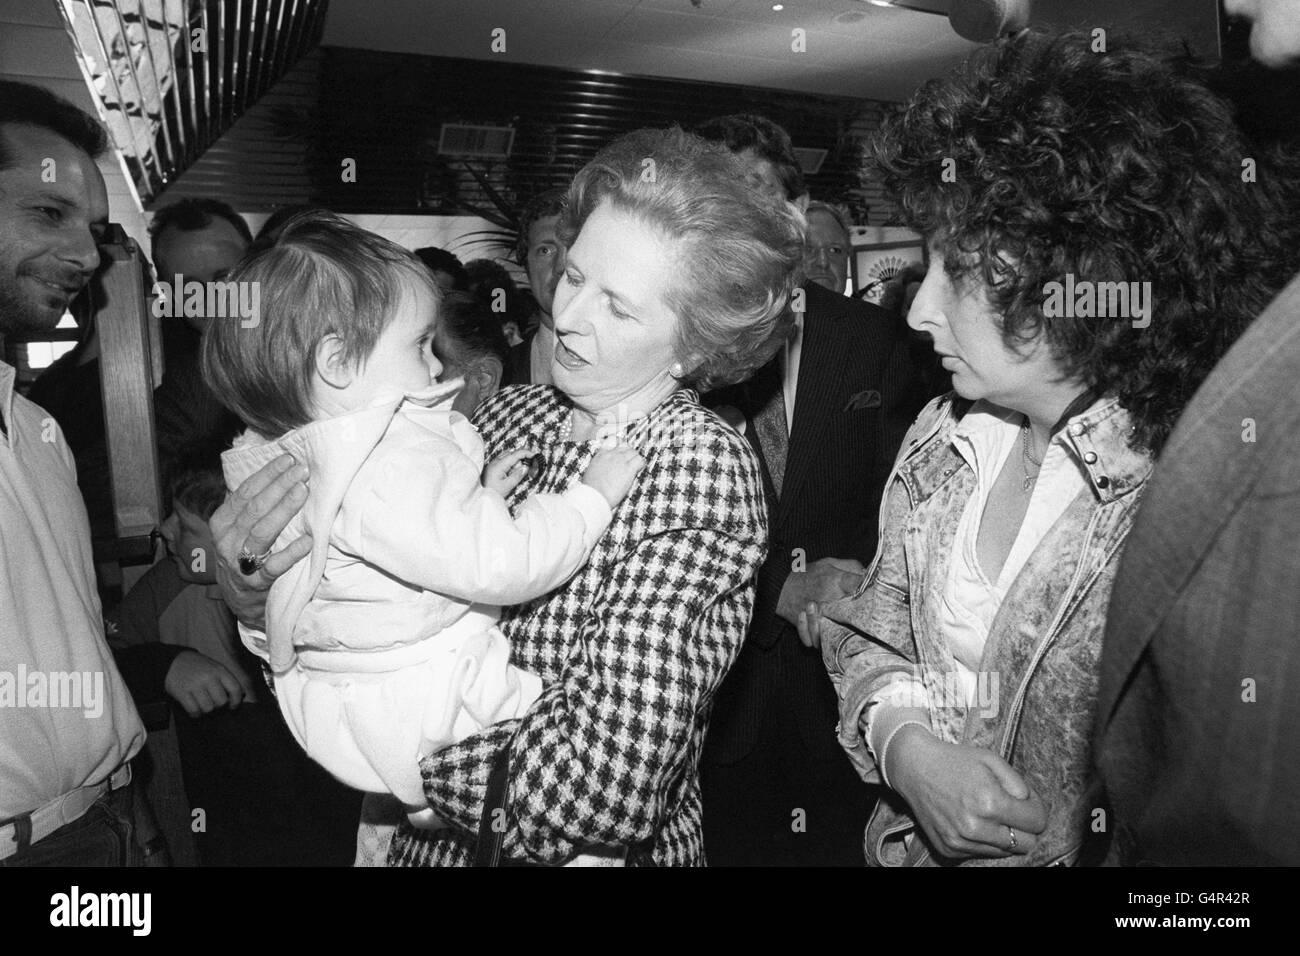 Politique - 1987 Campagne électorale générale - Margaret Thatcher - South Mimms Service Station Banque D'Images